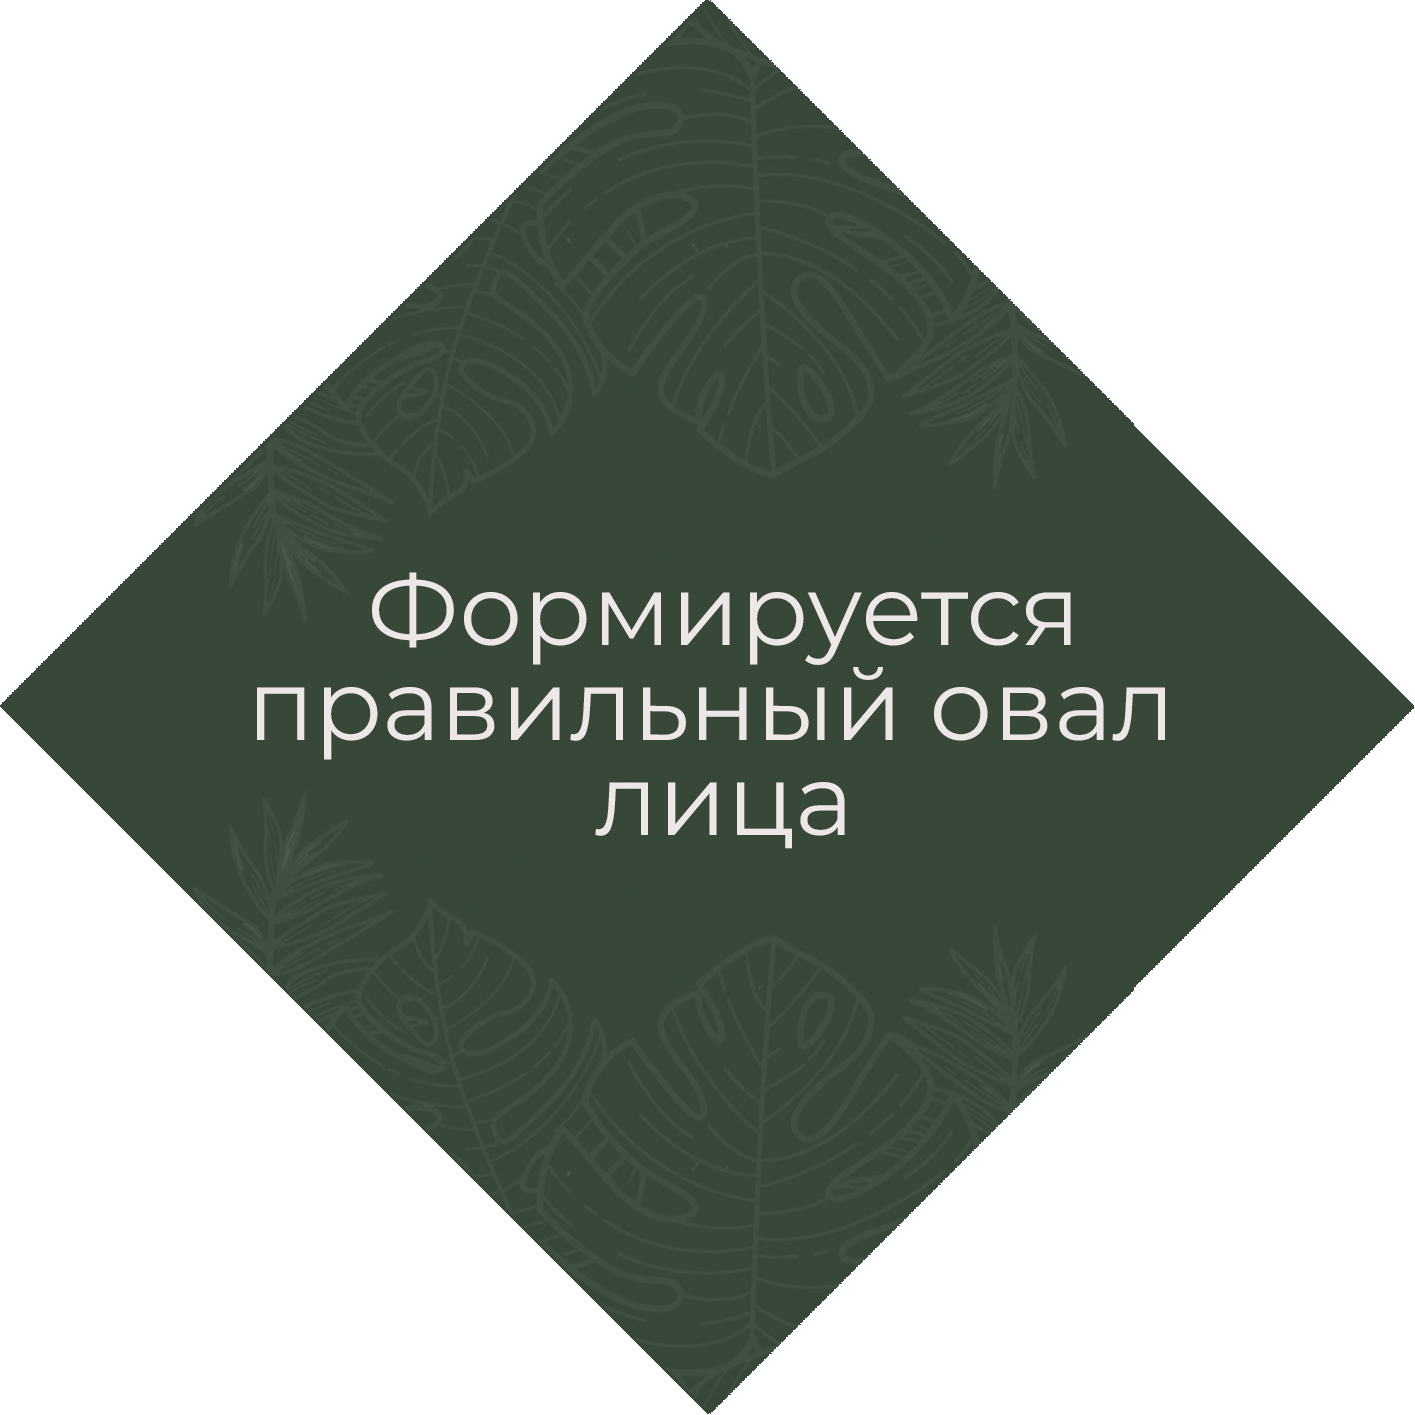 шил 2